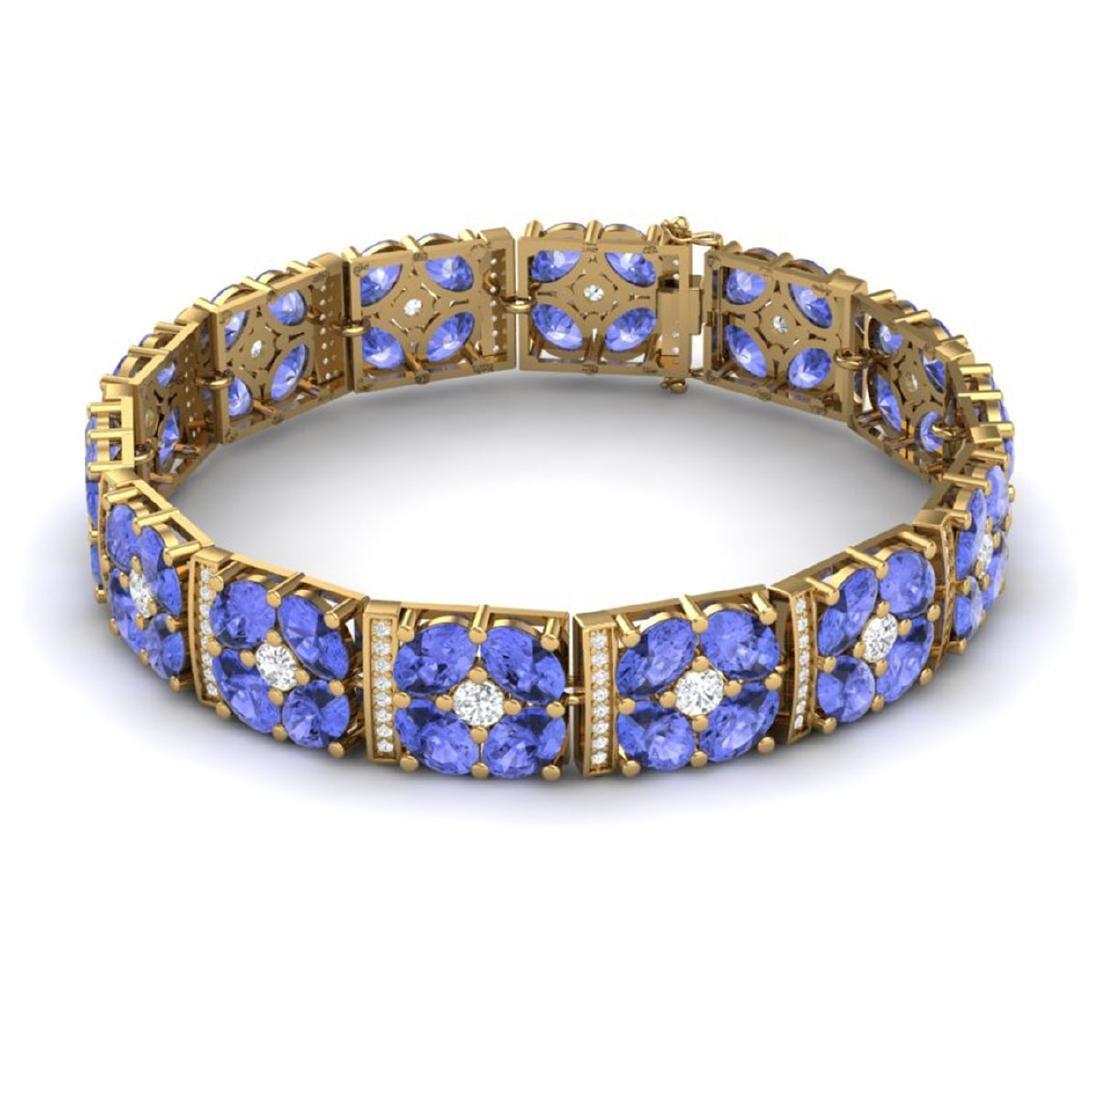 30.98 CTW Royalty Tanzanite & VS Diamond Bracelet 18K - 3